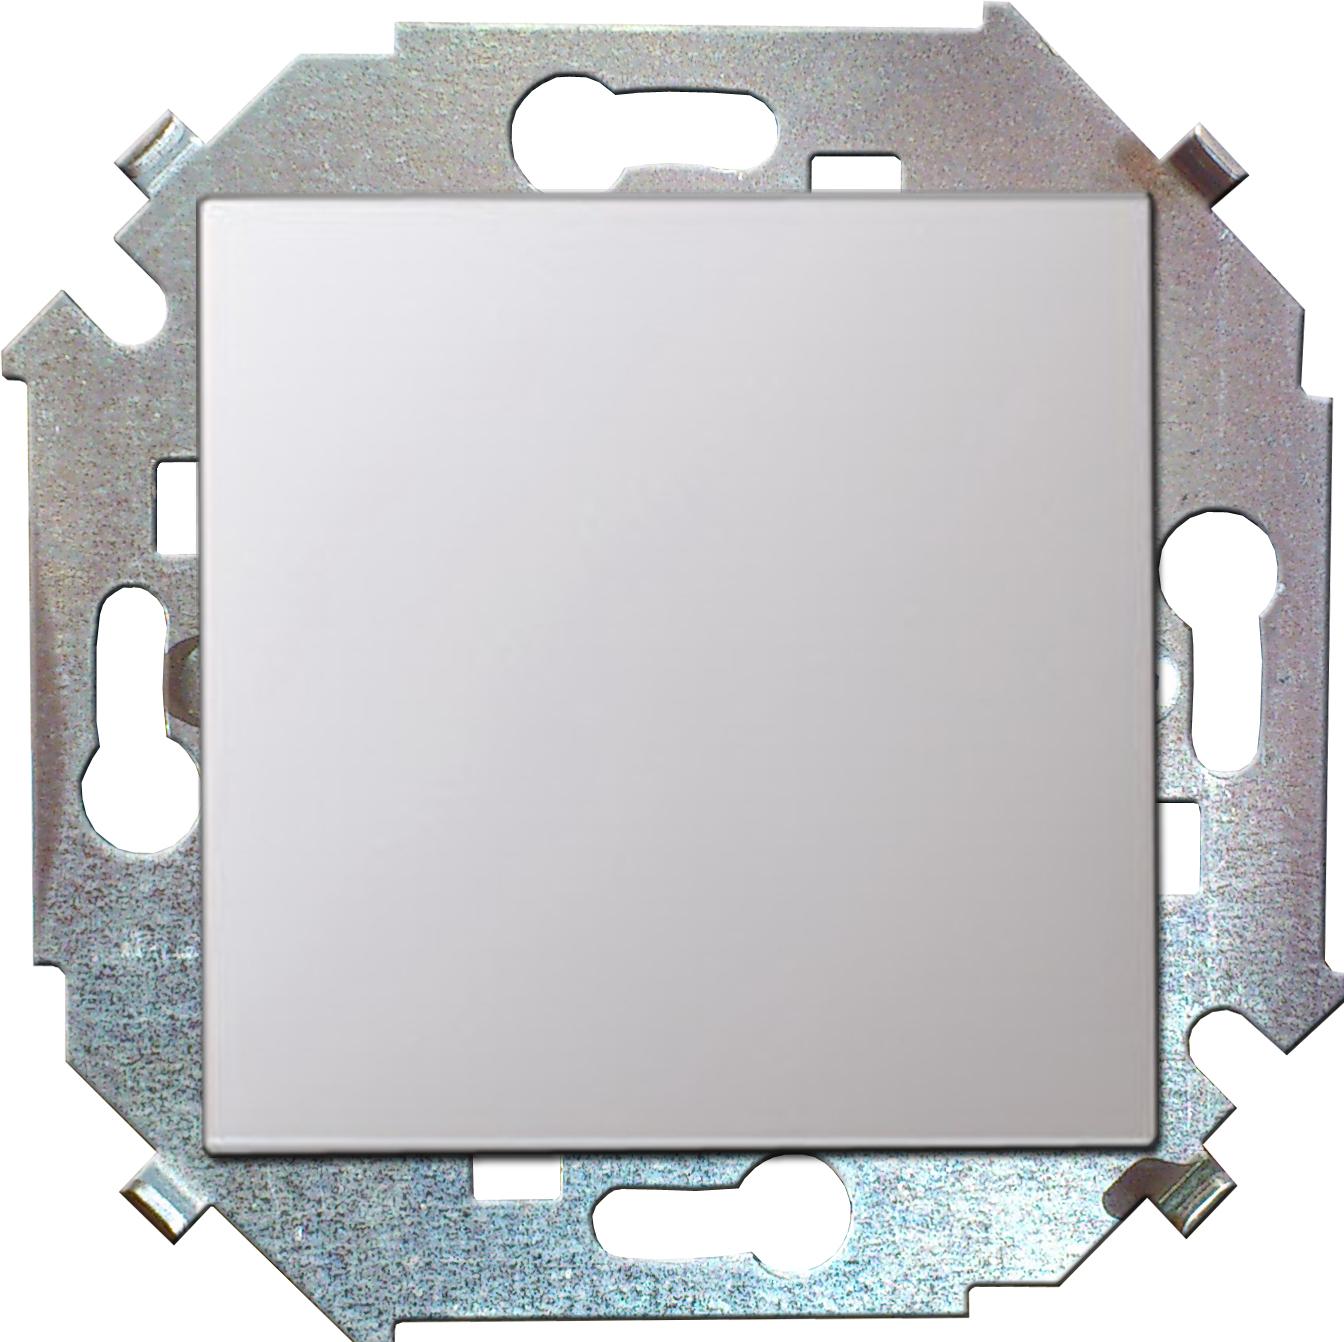 Выключатель Simon 15 1591101-030 выключатель simon 1594104 31